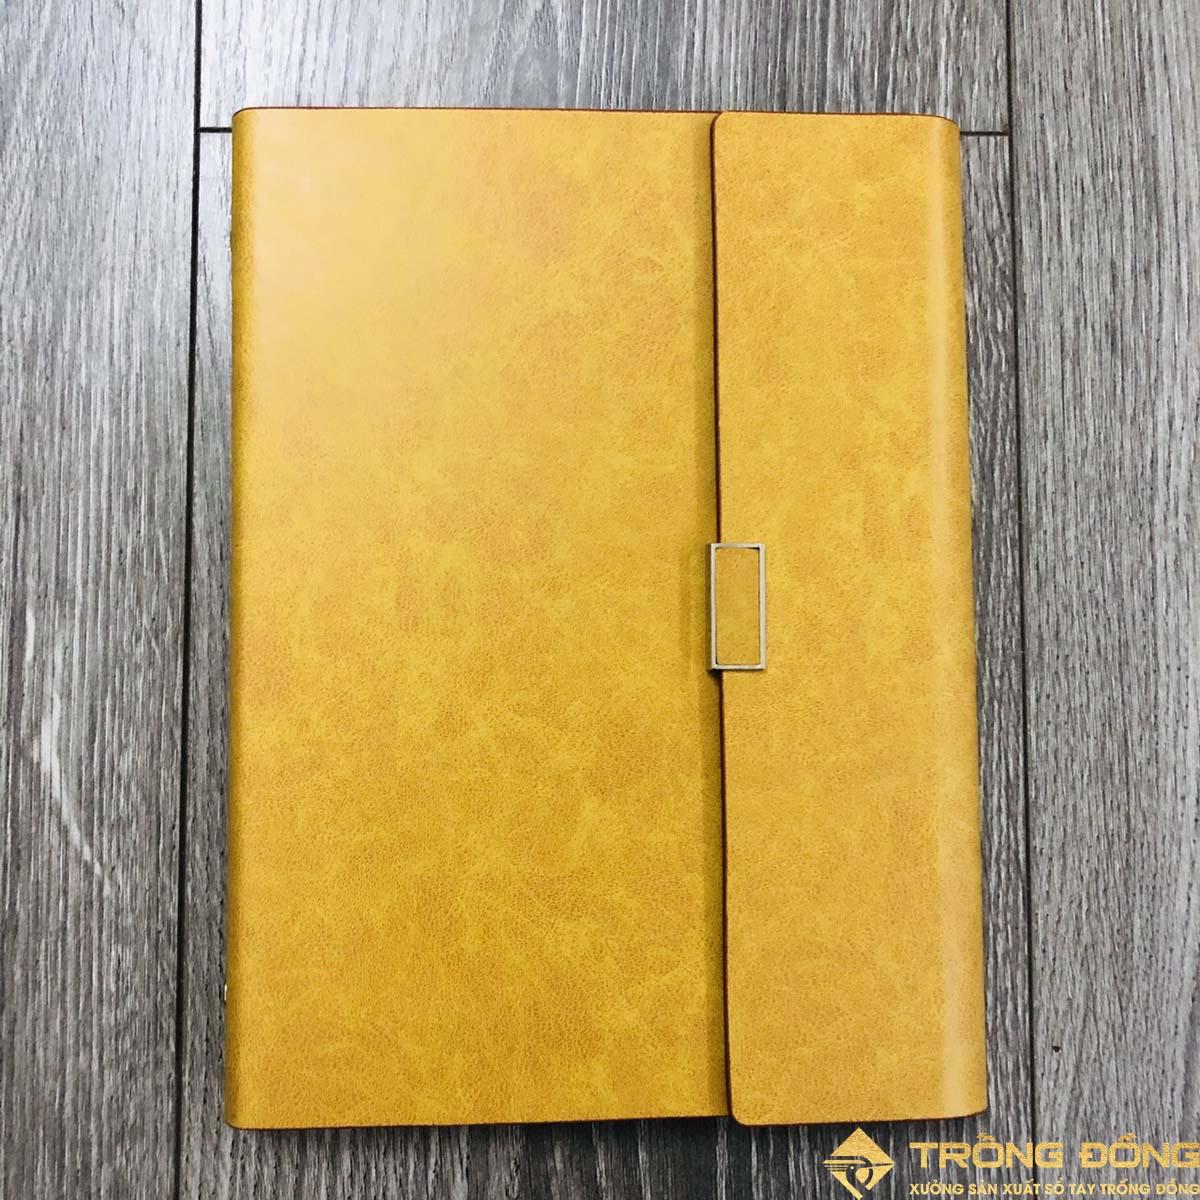 Mẫu sổ bìa da PU có sẵn nắp gập màu vàng cao cấp